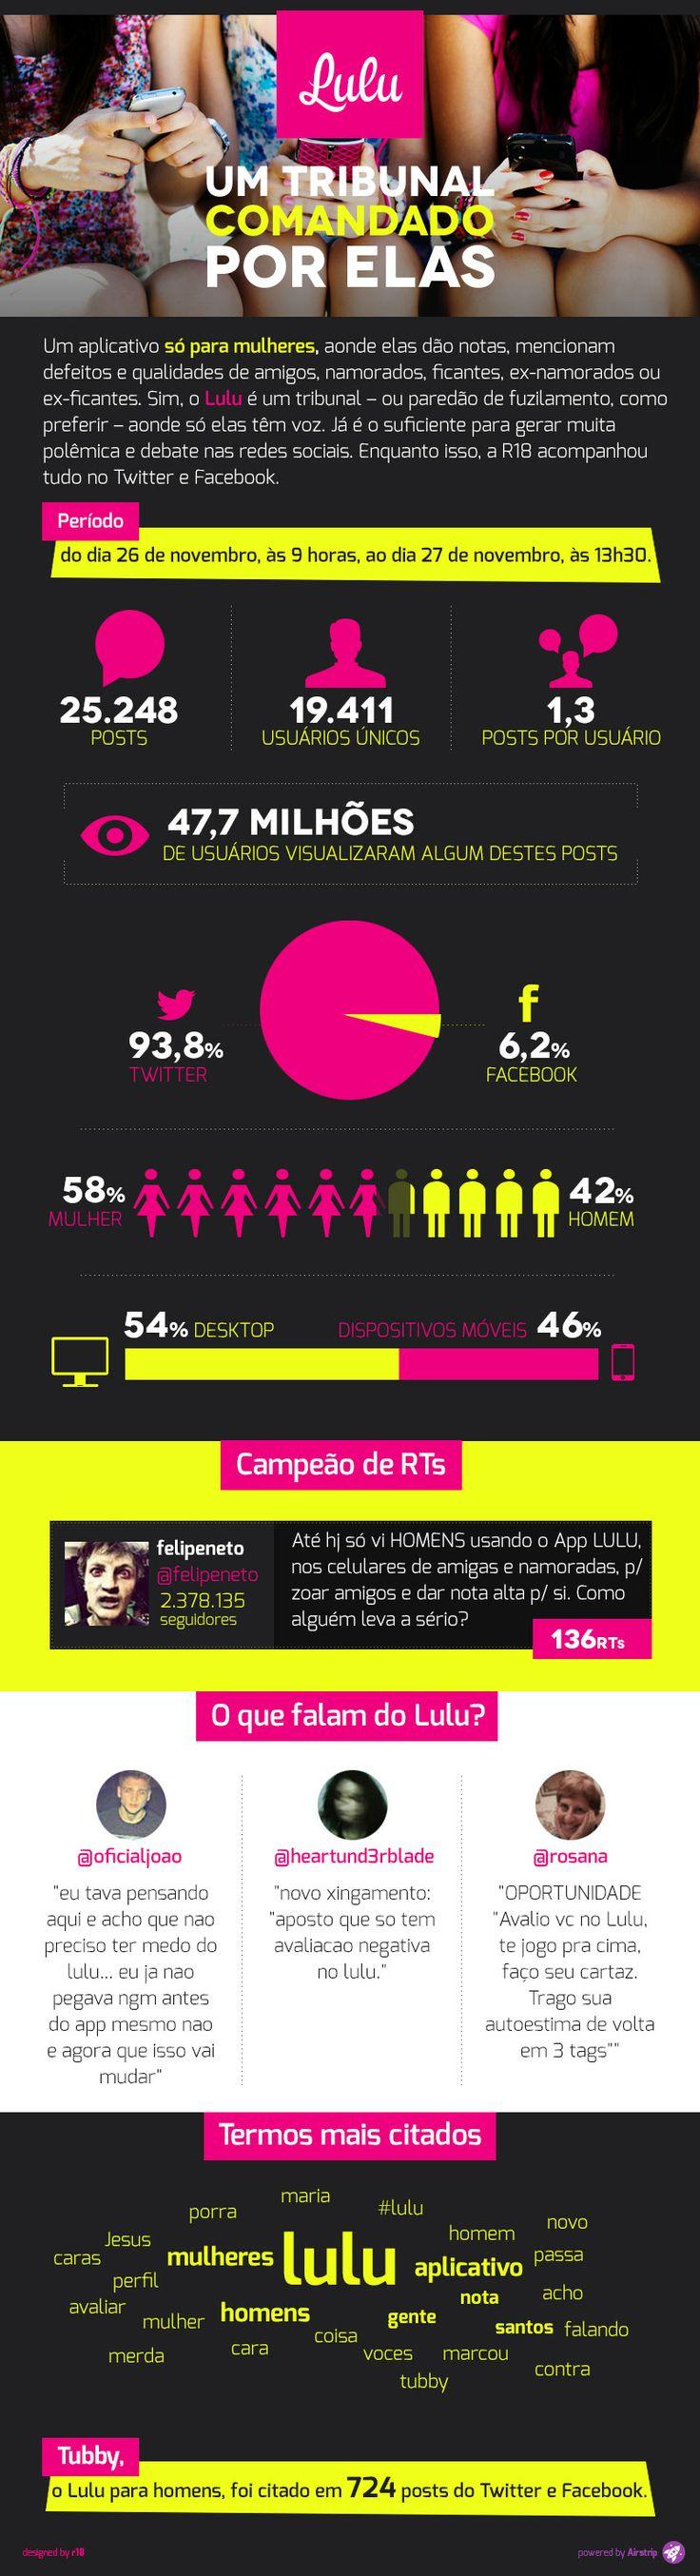 Infográfico mostra a repercussão do aplicativo Lulu nas redes sociais